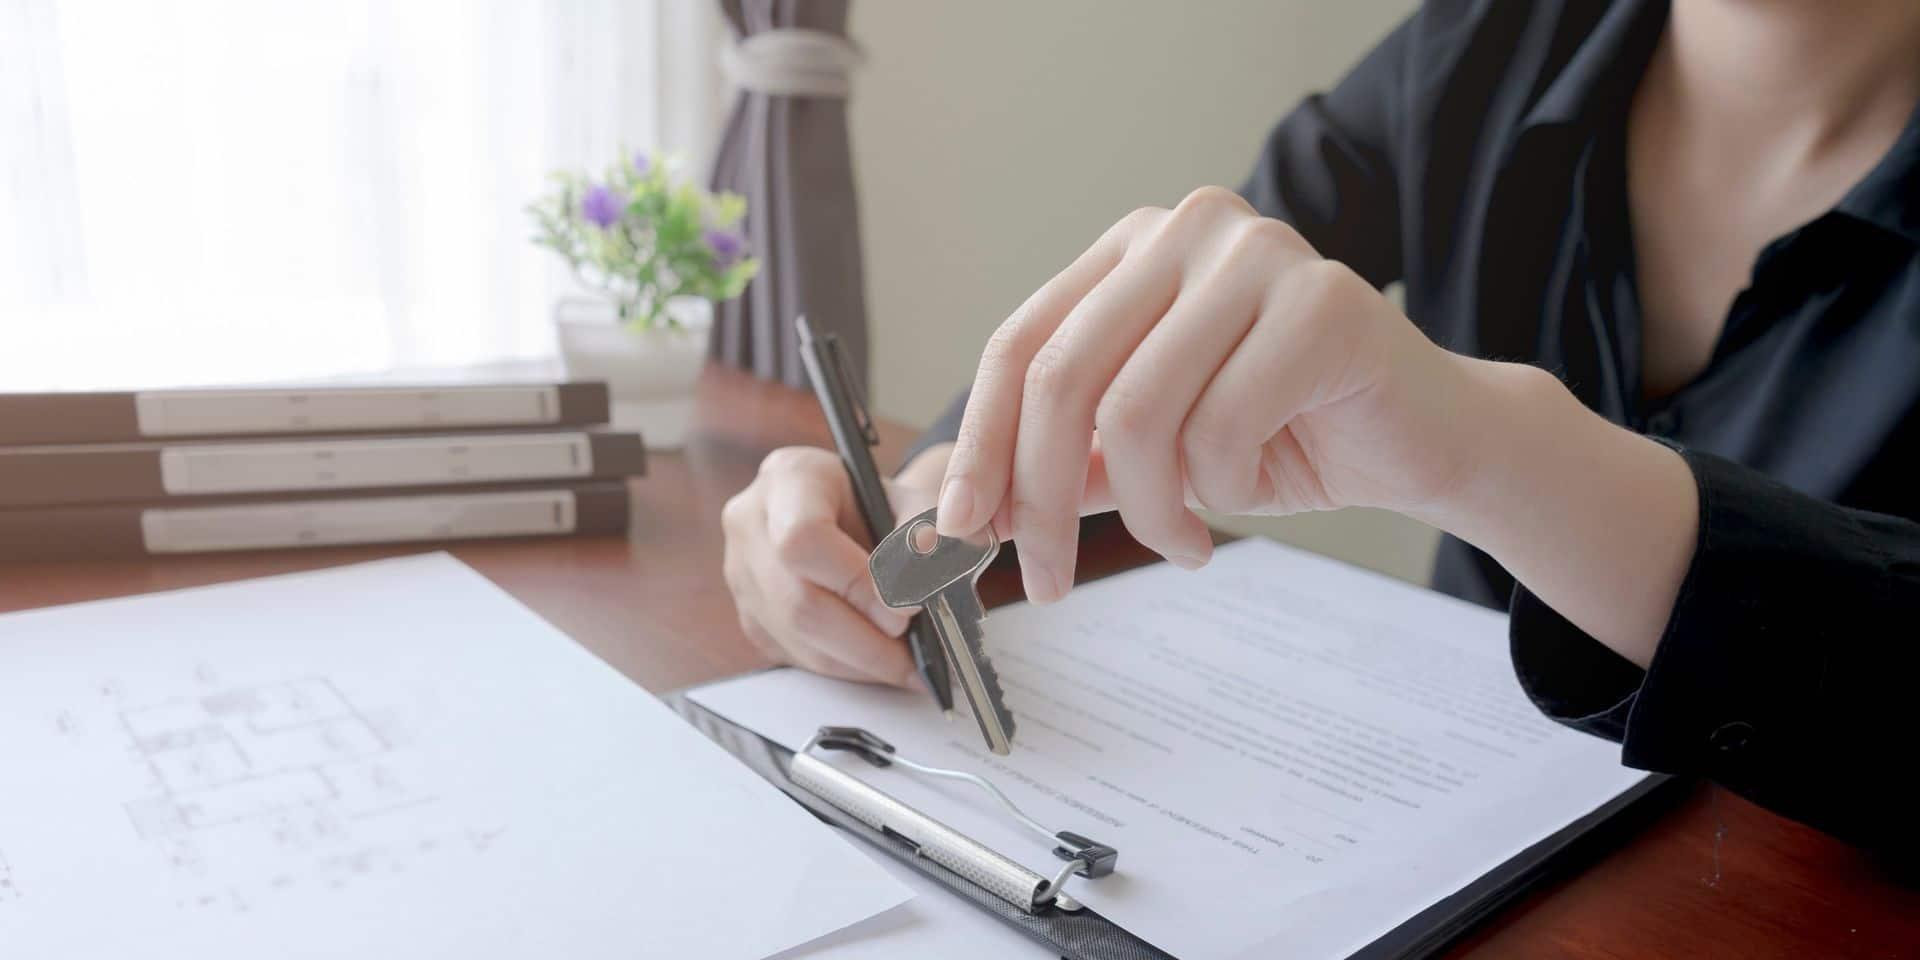 Avec la crise, les assurances sont aussi vouées à évoluer: quel impact pour les primes auto, habitation ou voyages?